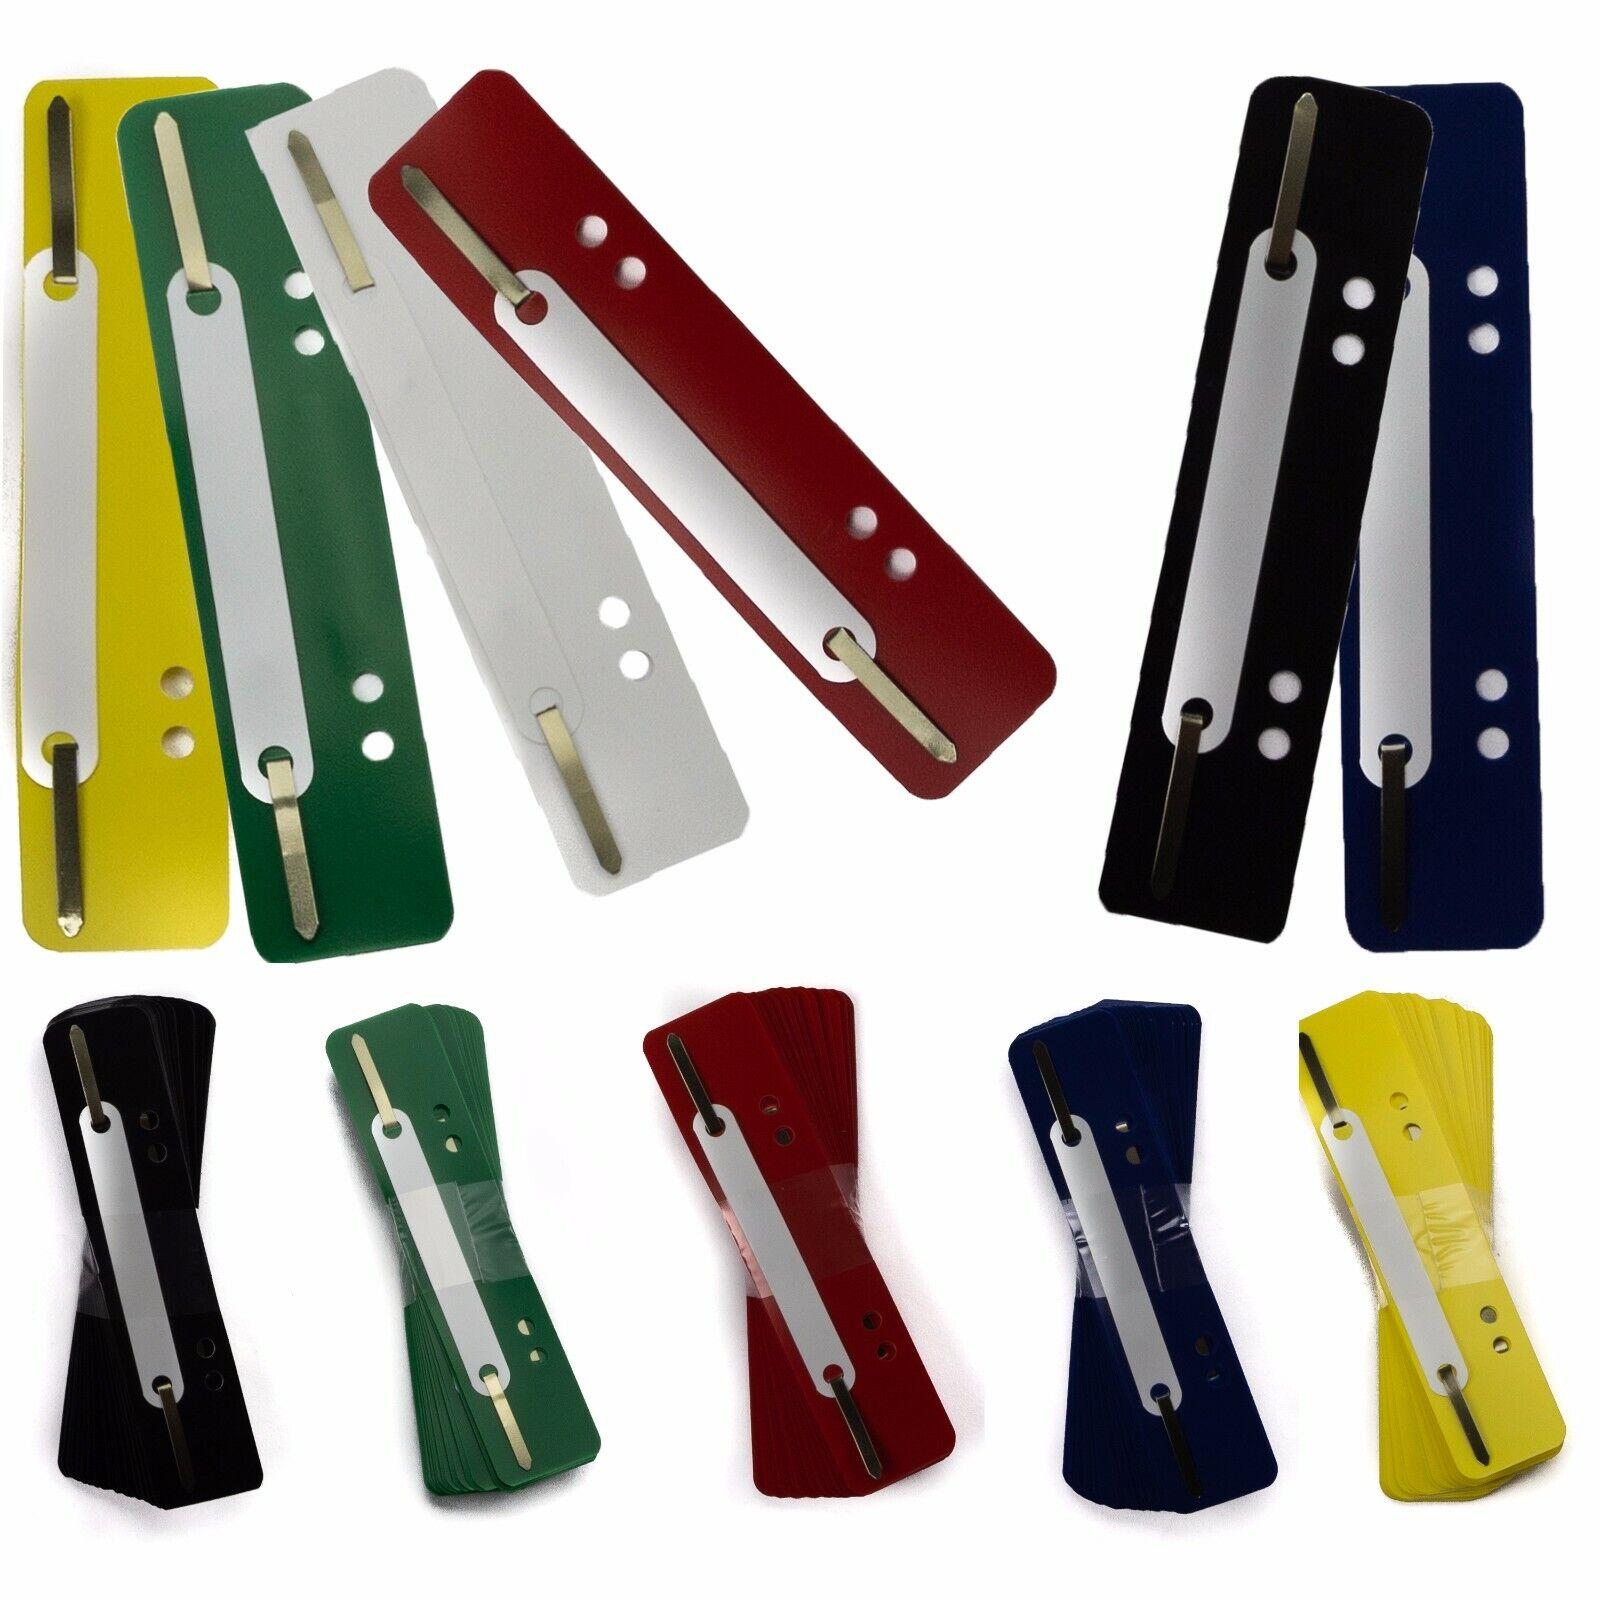 5 25 50 Heftstreifen Abheftstreifen Heftlaschen 34x 150mm - freie Farbauswahl